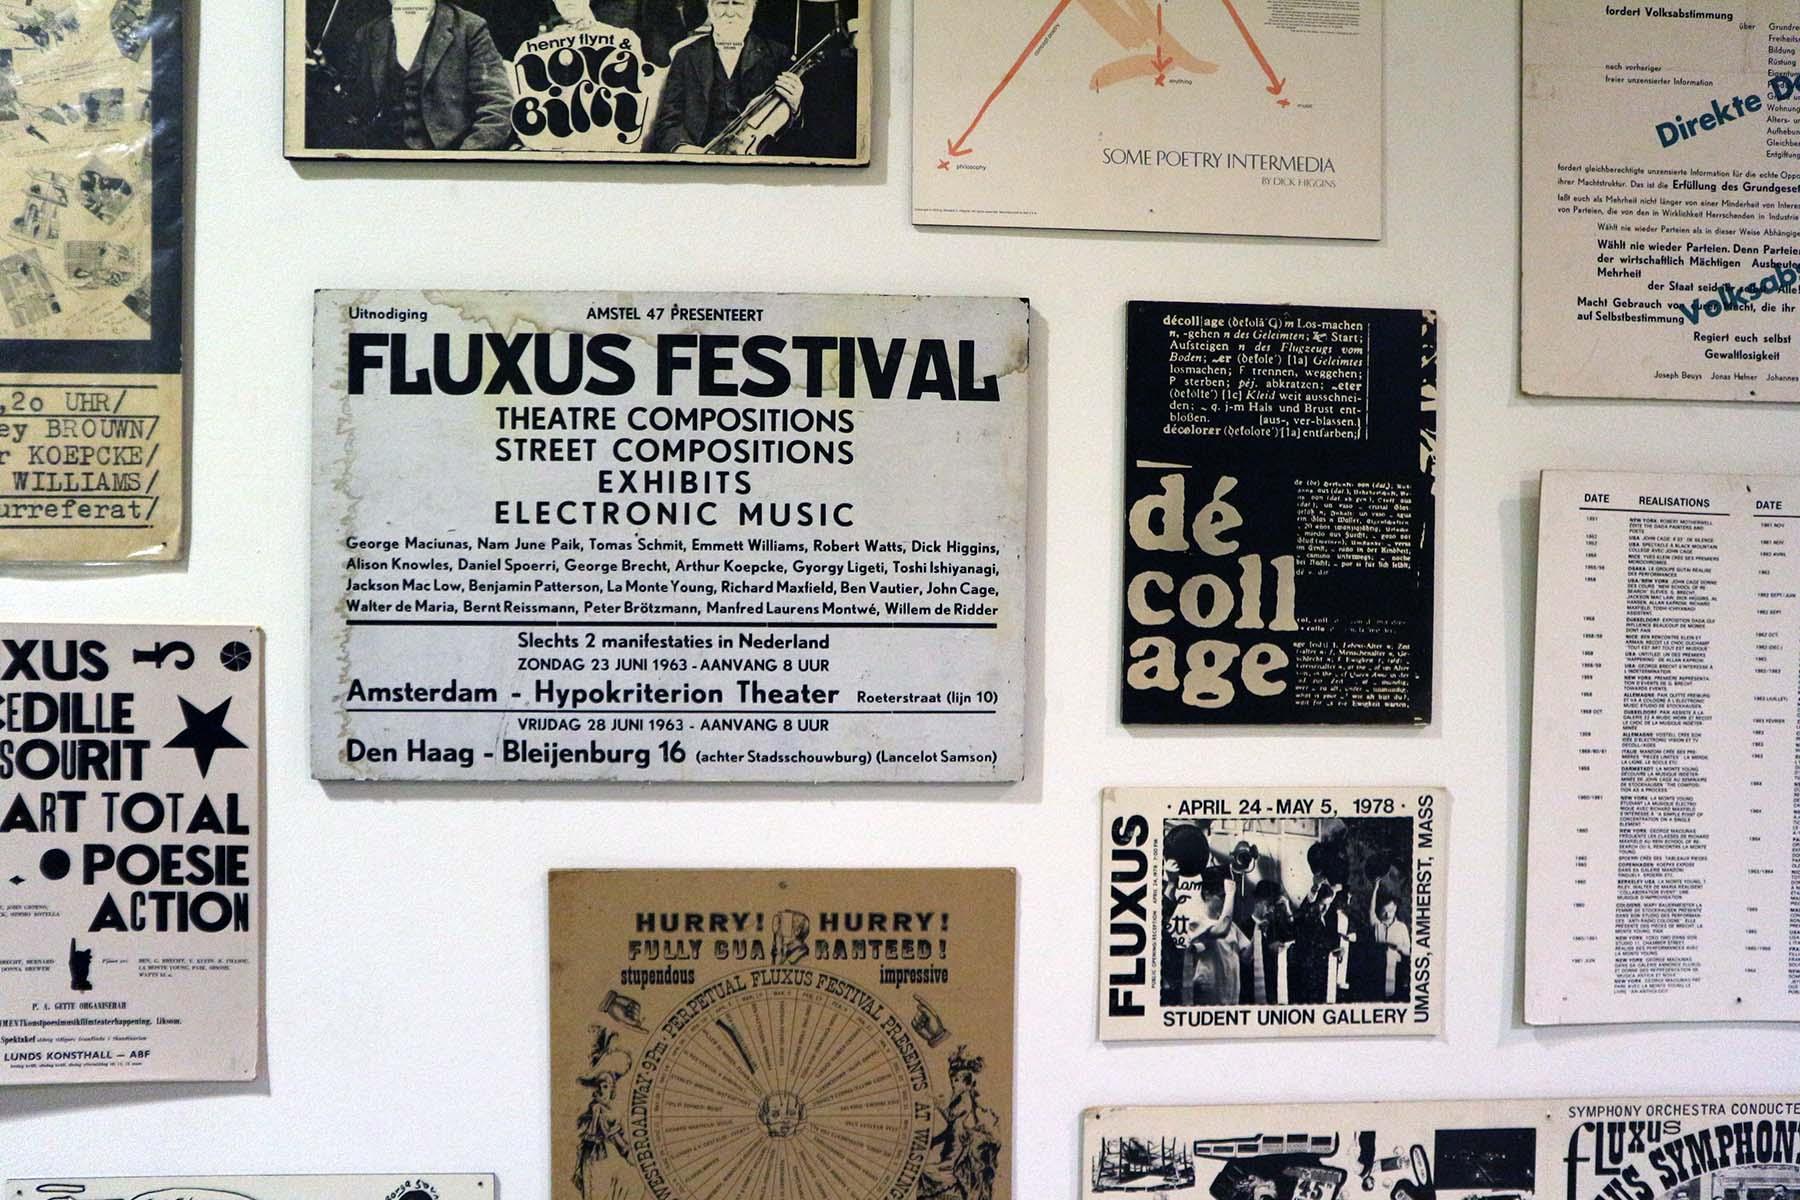 Blois. Das Museum zeigt mehr als 300 Arbeiten von 50 Fluxus-Künstlerinnen und Künstlern.